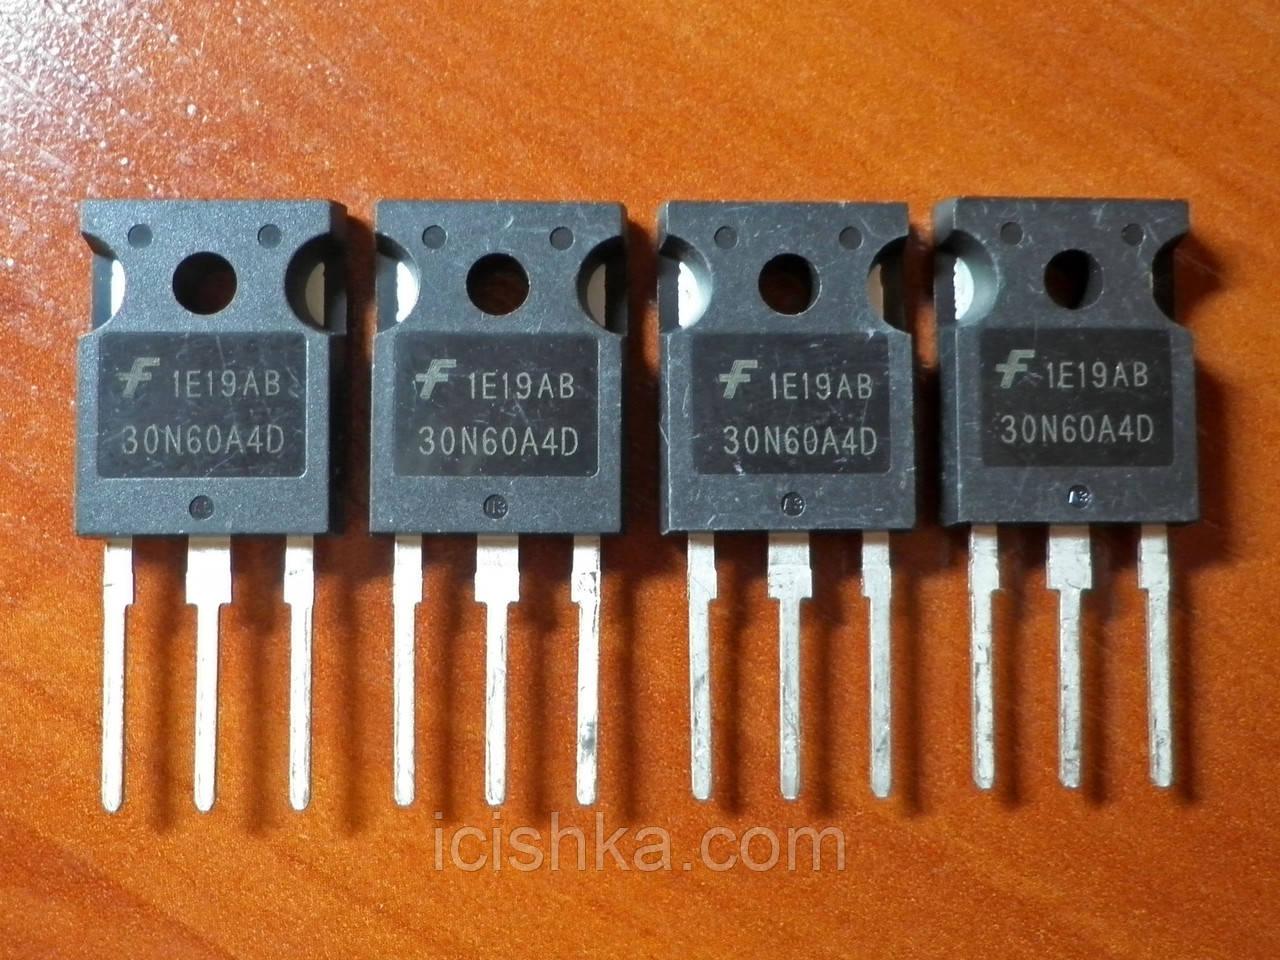 HGTG30N60A4D / 30N60 TO-247 - 600V 30A NPT IGBT транзистор